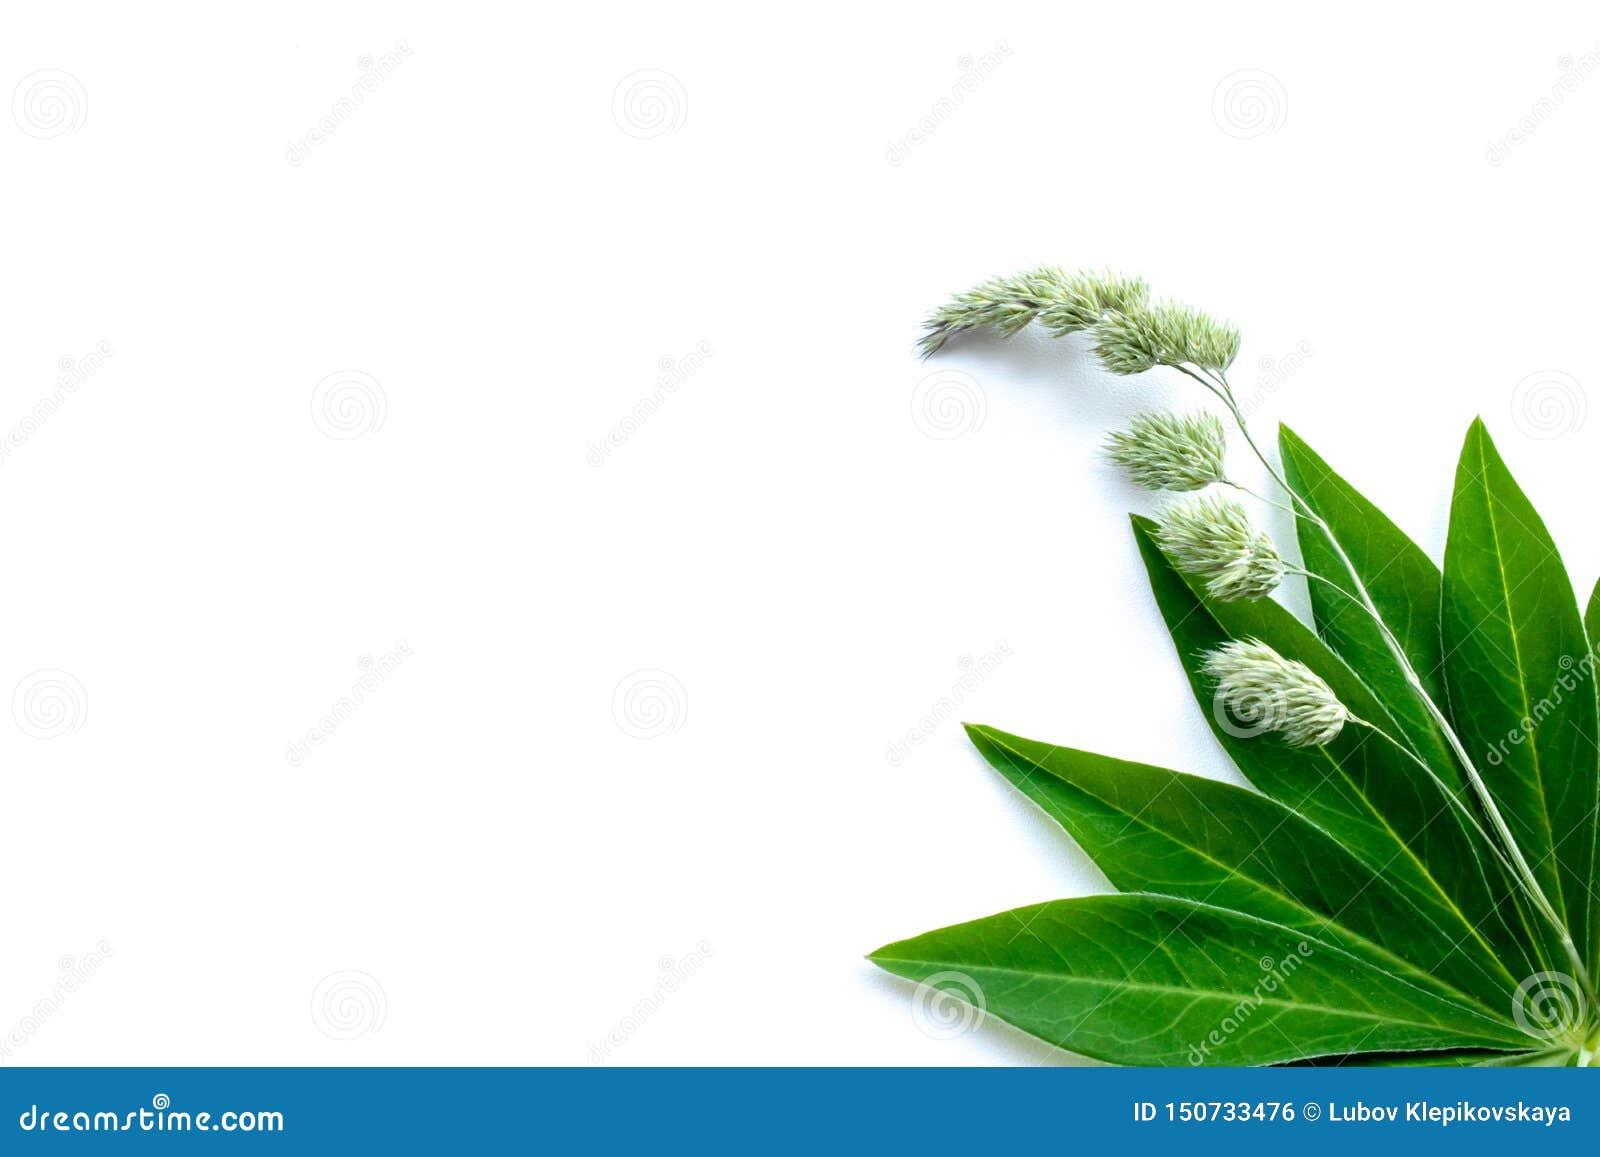 Fondo blanco con las hojas y la cuchilla de la hierba verdes